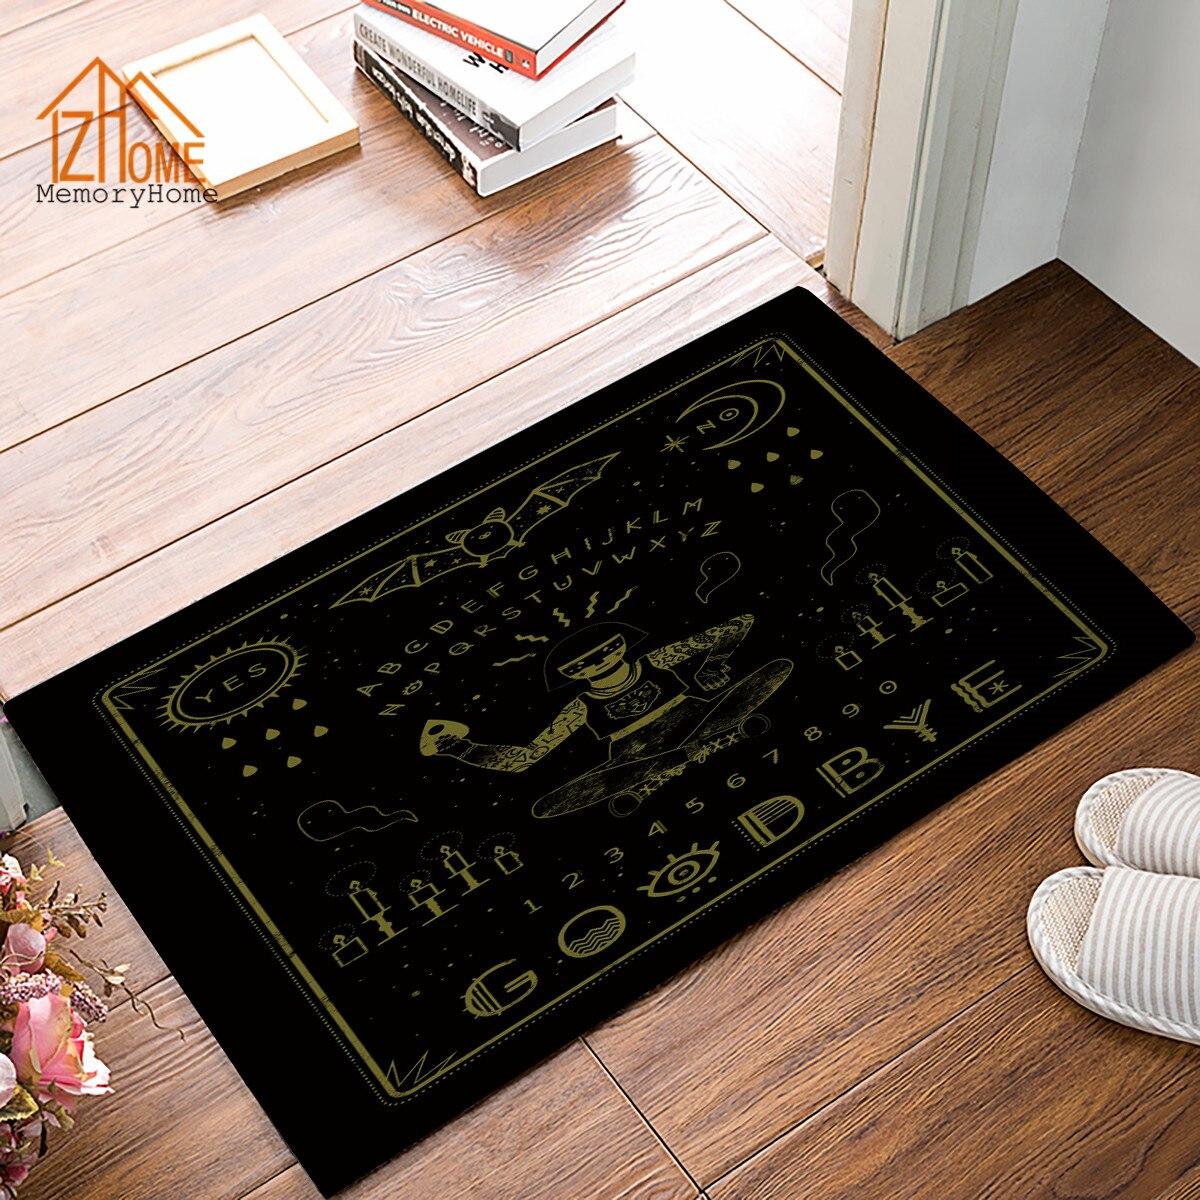 Memory Home Unique Design Ouija Board Pattern Non Woven Fabric Non Slip Indoor Home Bathroom Kitchen Rug Black Doormat Floor Mat Designer Floor Mat Floor Matfloor Mat Design Aliexpress